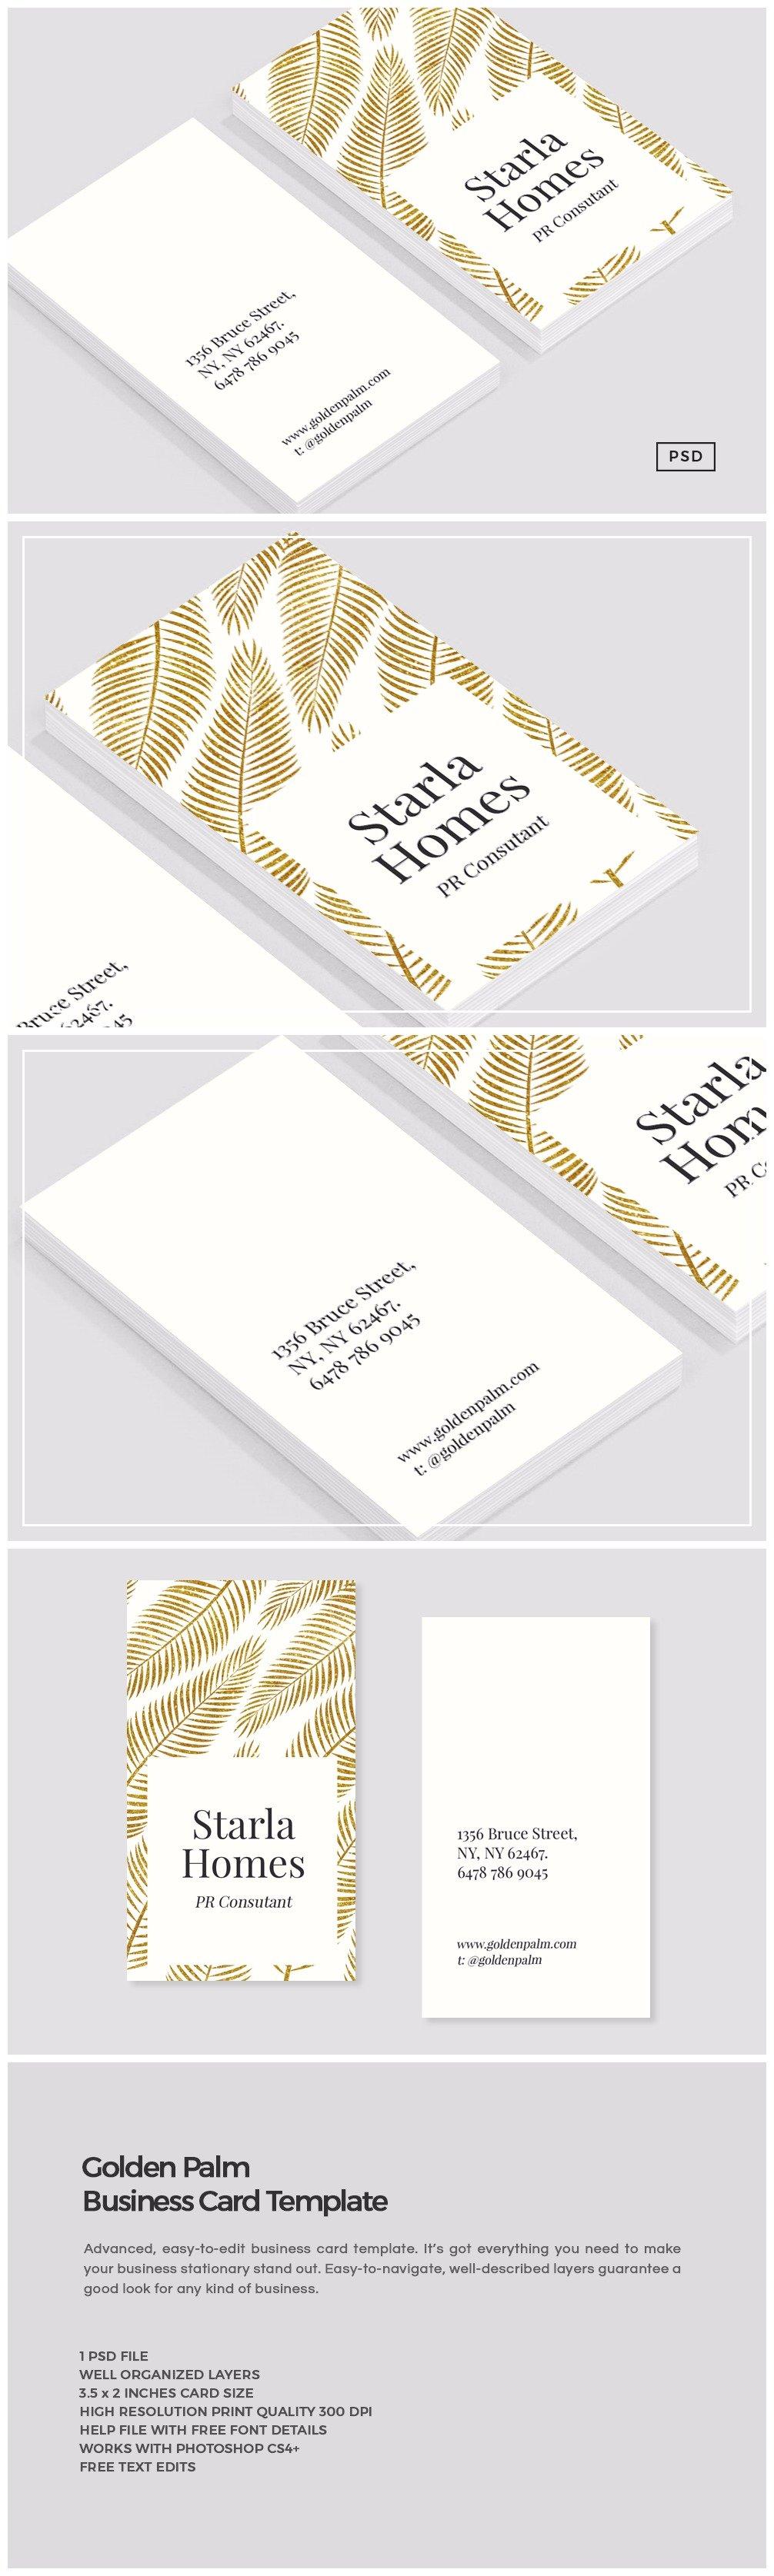 Golden palm business card template business card templates golden palm business card template business card templates creative market reheart Gallery